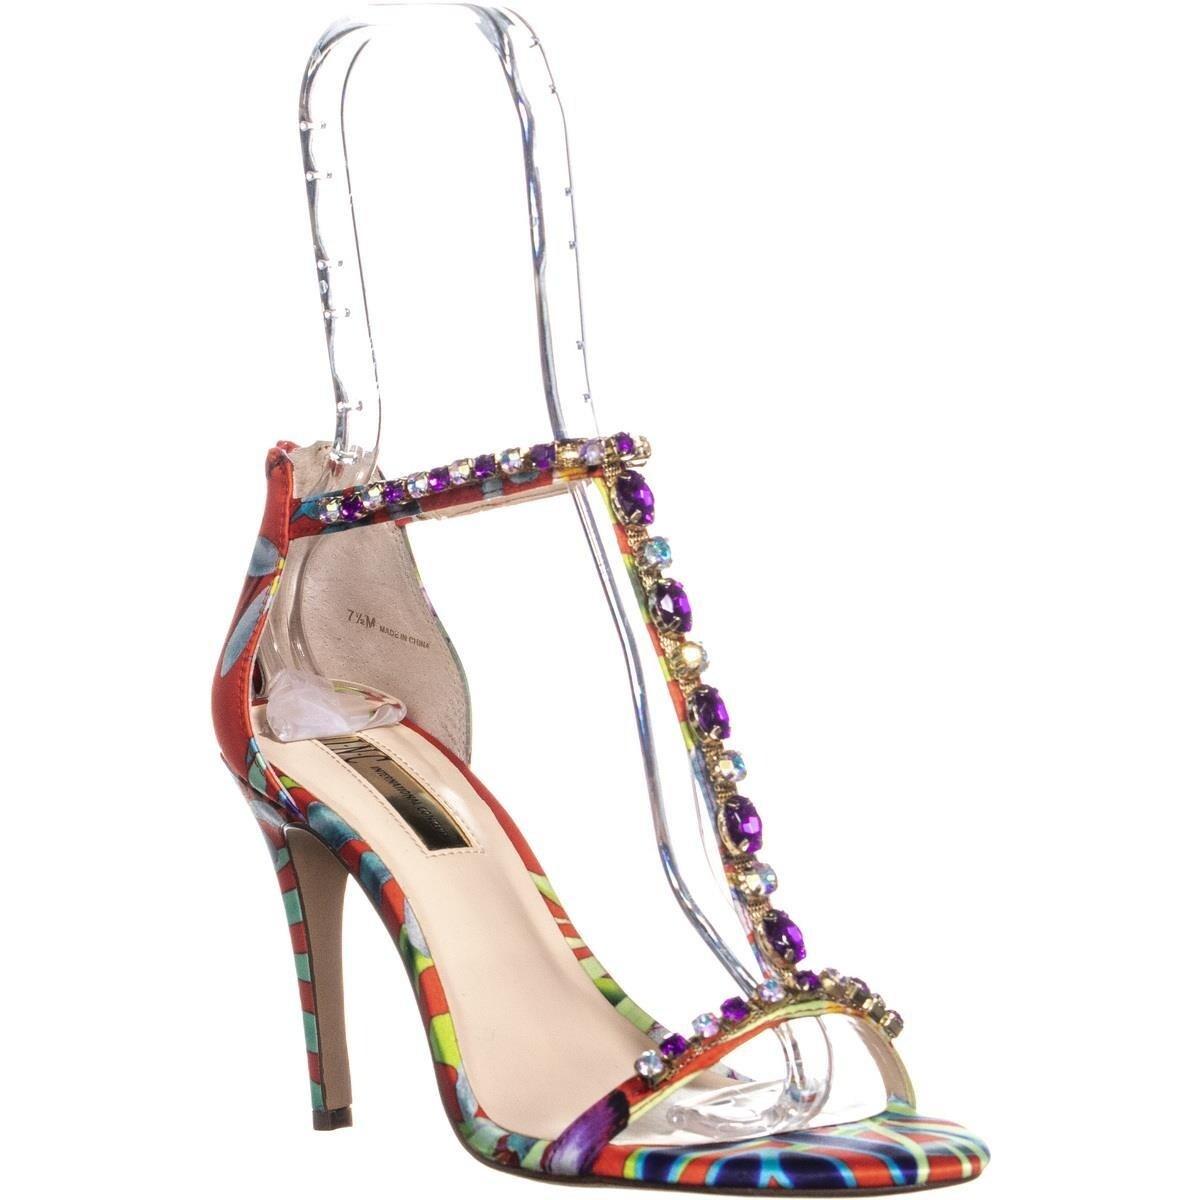 bf6f2854073 Buy Orange Women s Sandals Online at Overstock